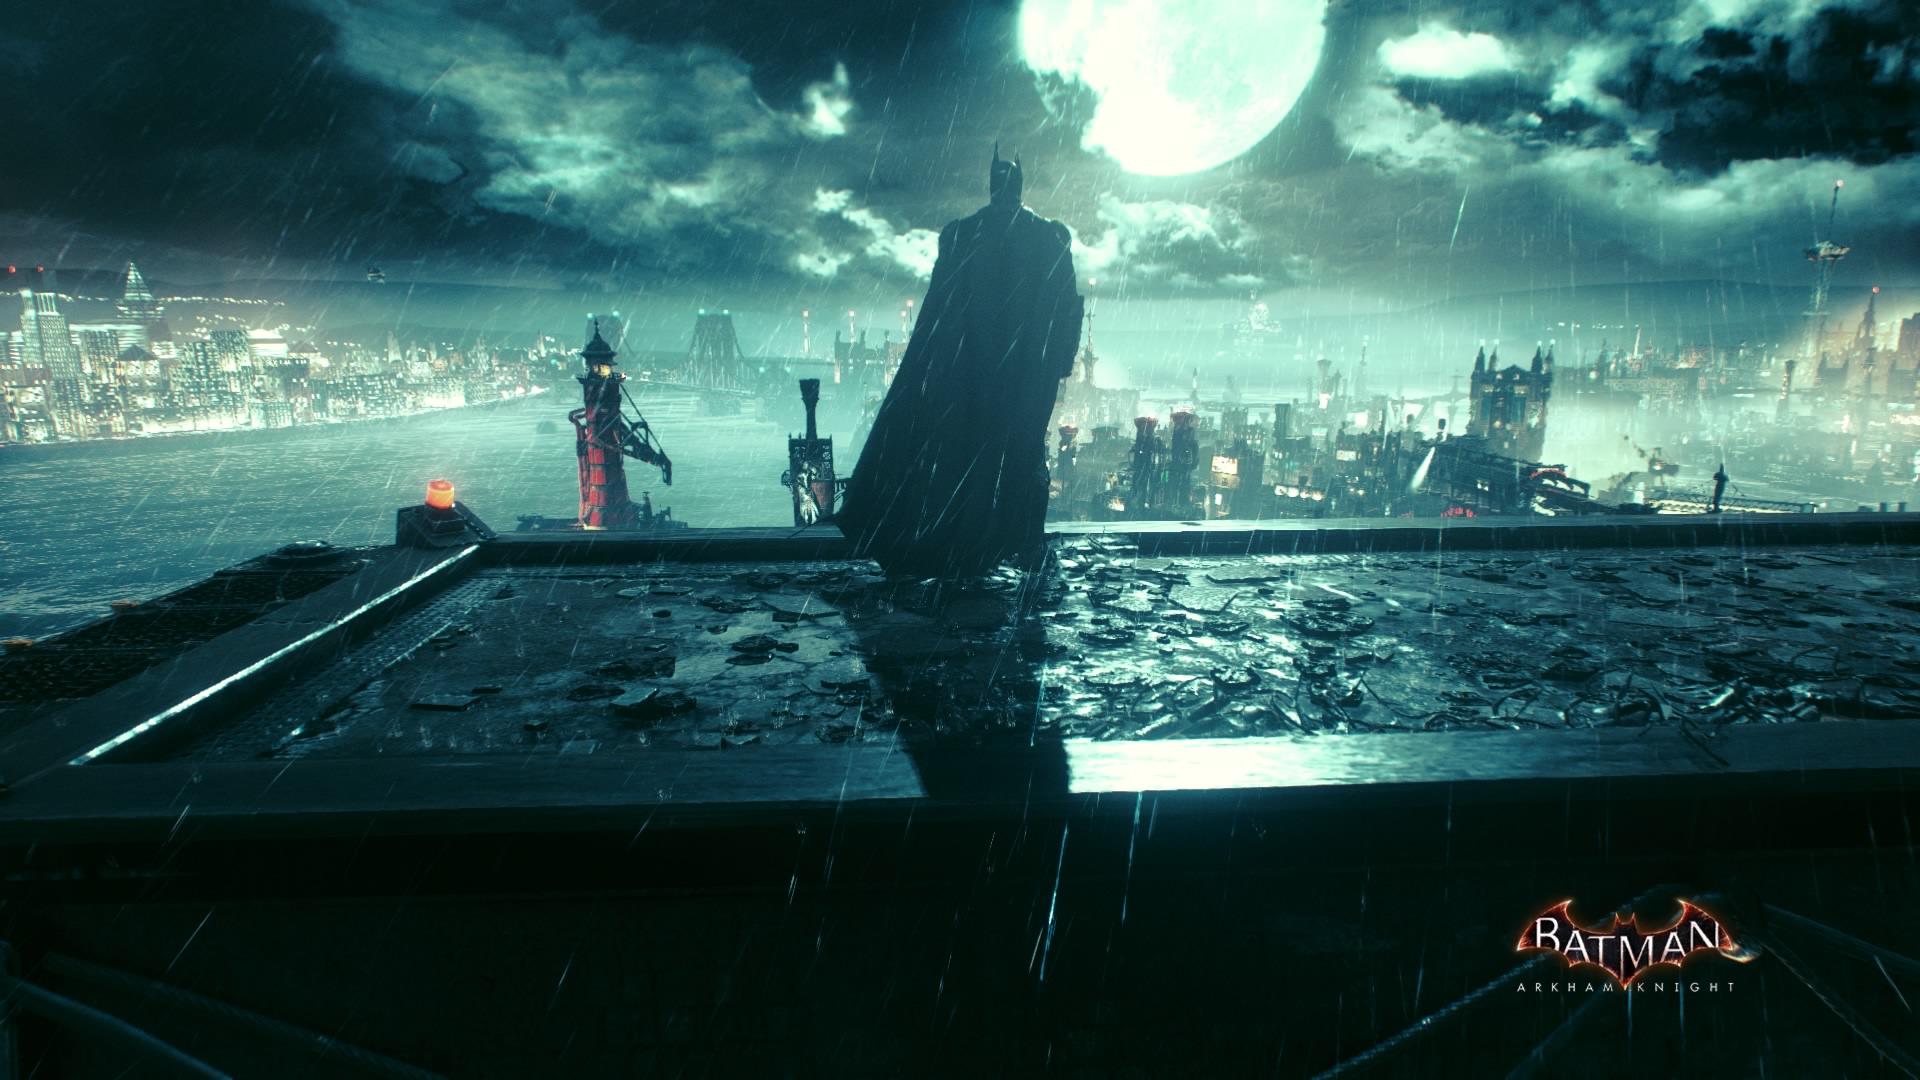 Бэтмен™_ Рыцарь Аркхема_20200206210138.jpg - Batman: Arkham Knight